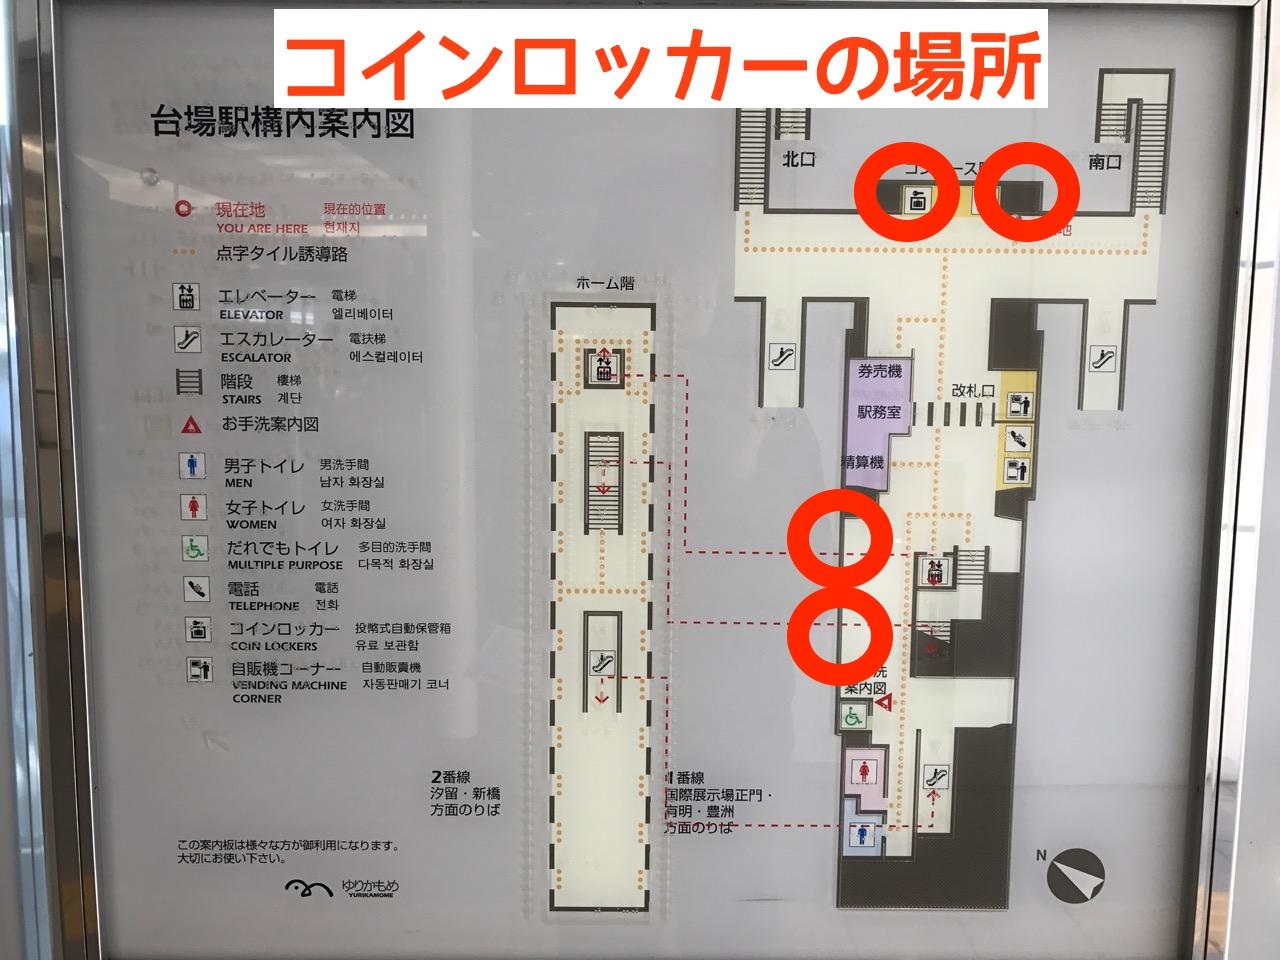 台場駅のコインロッカー、サイズ・料金・位置